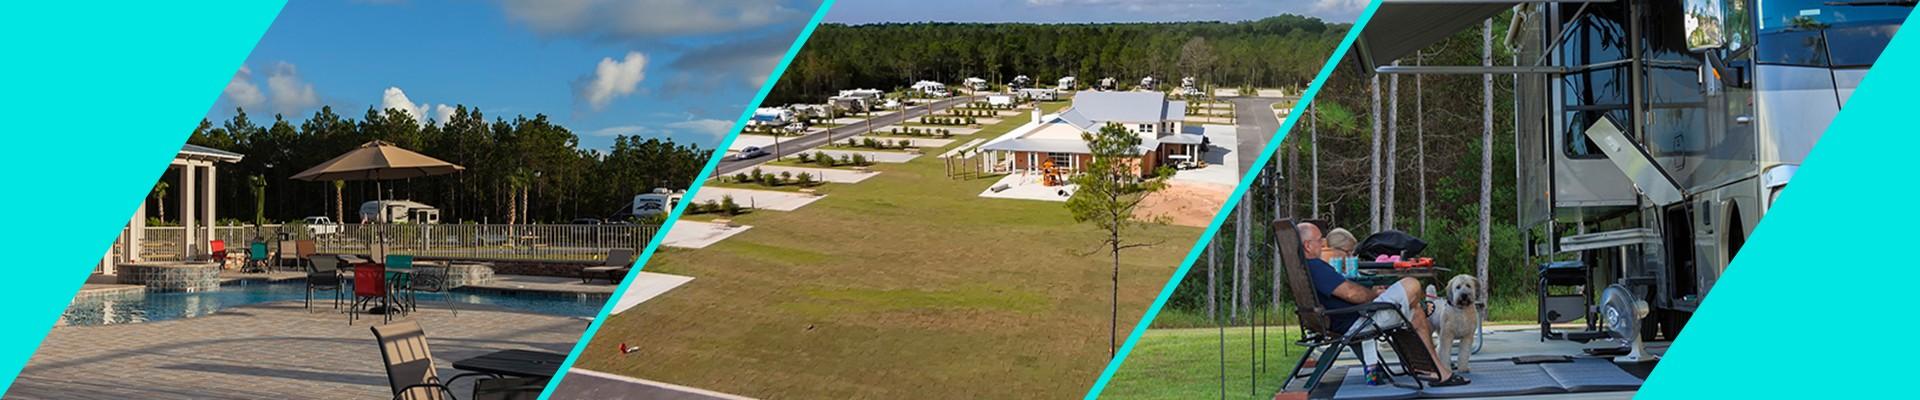 Sugar Sands RV Resort in Gulf Shores, Alabama